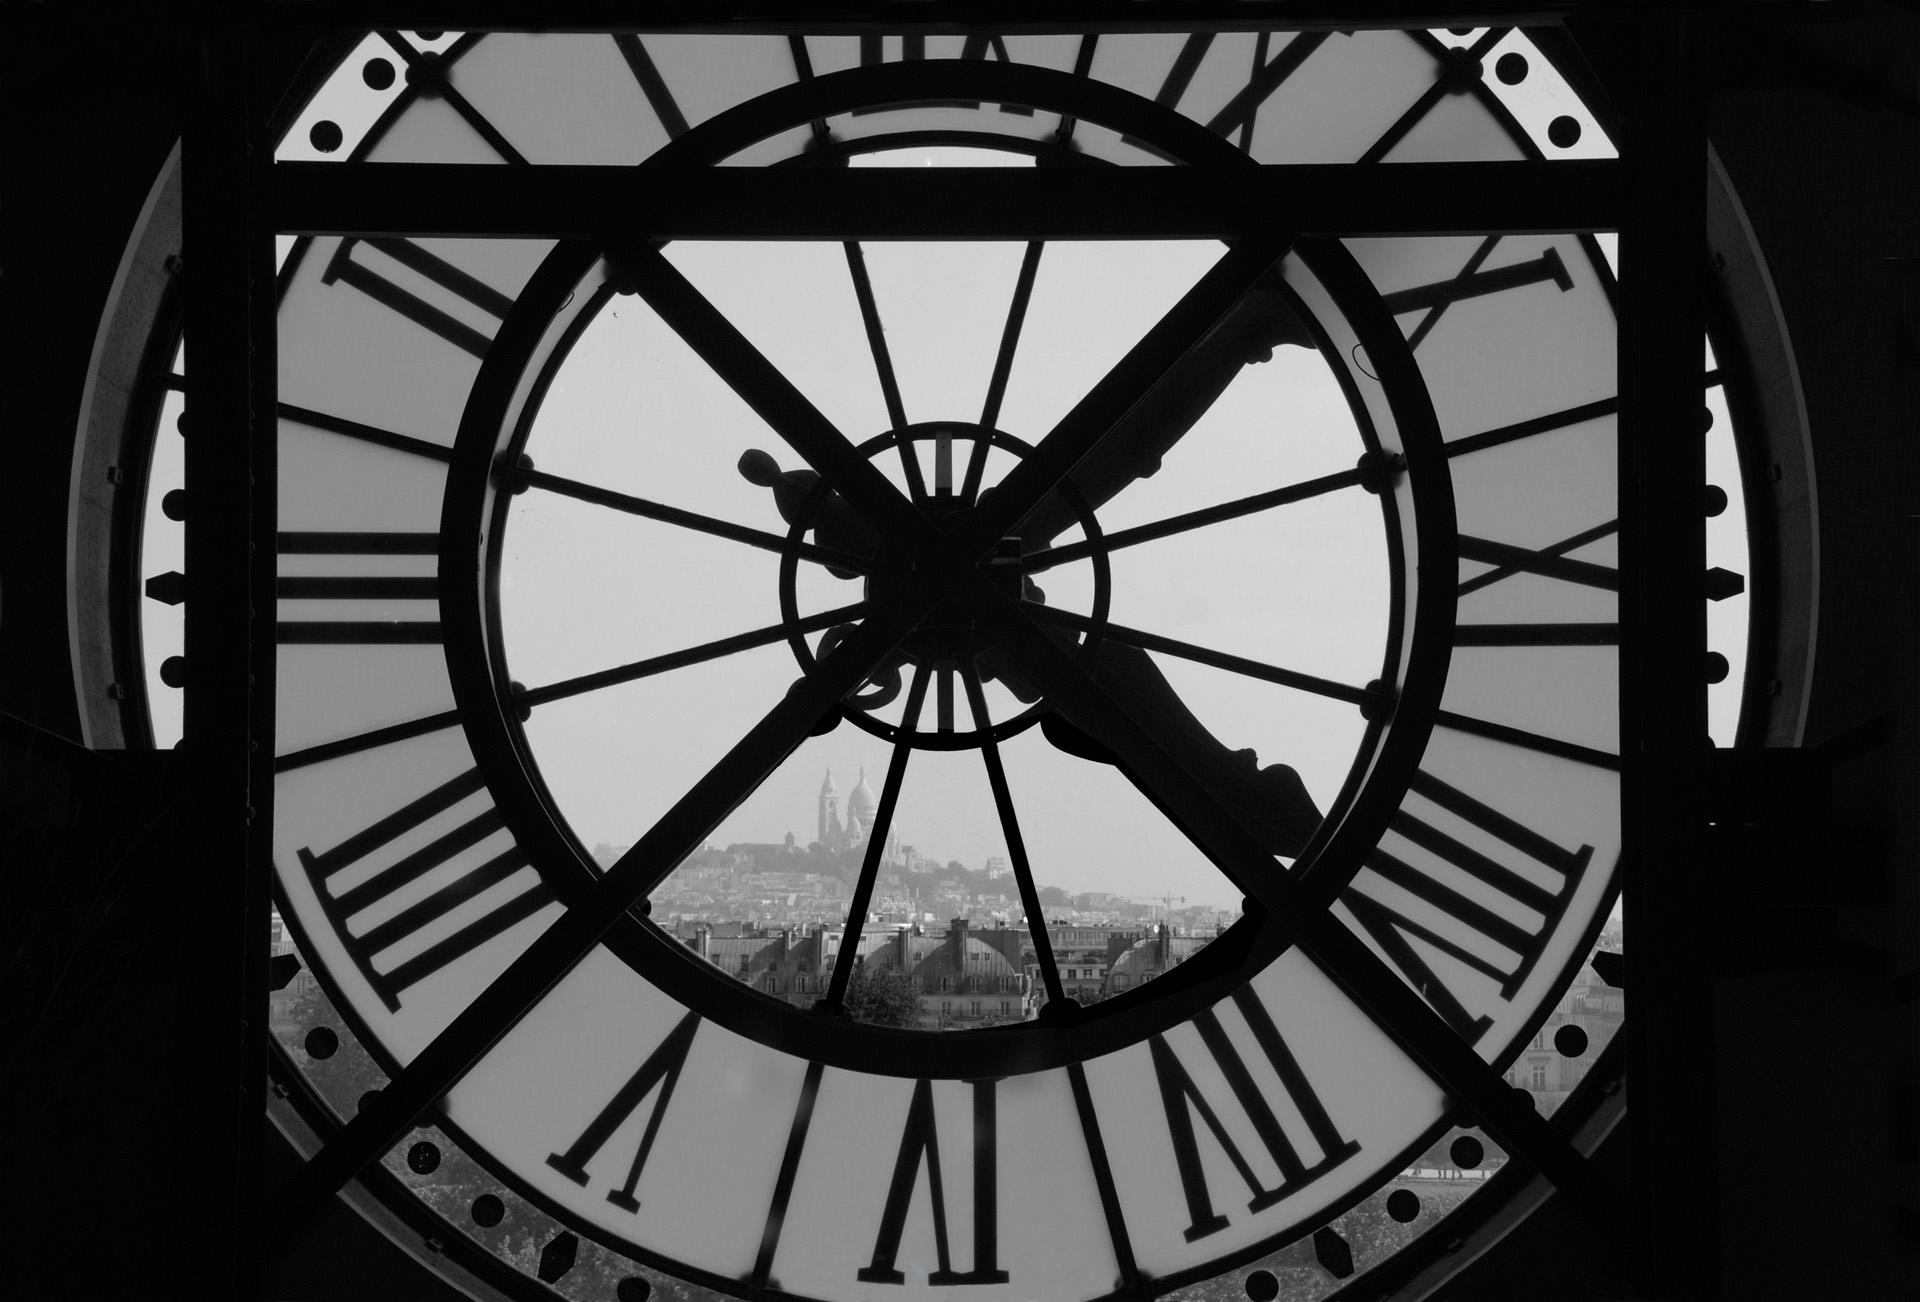 מחוגי הזמן - Musee d'Orsay paris- מוזיאון ד'אורסה פריז - יואל שתרוג - אדמה יוצרת - yoel sitruk